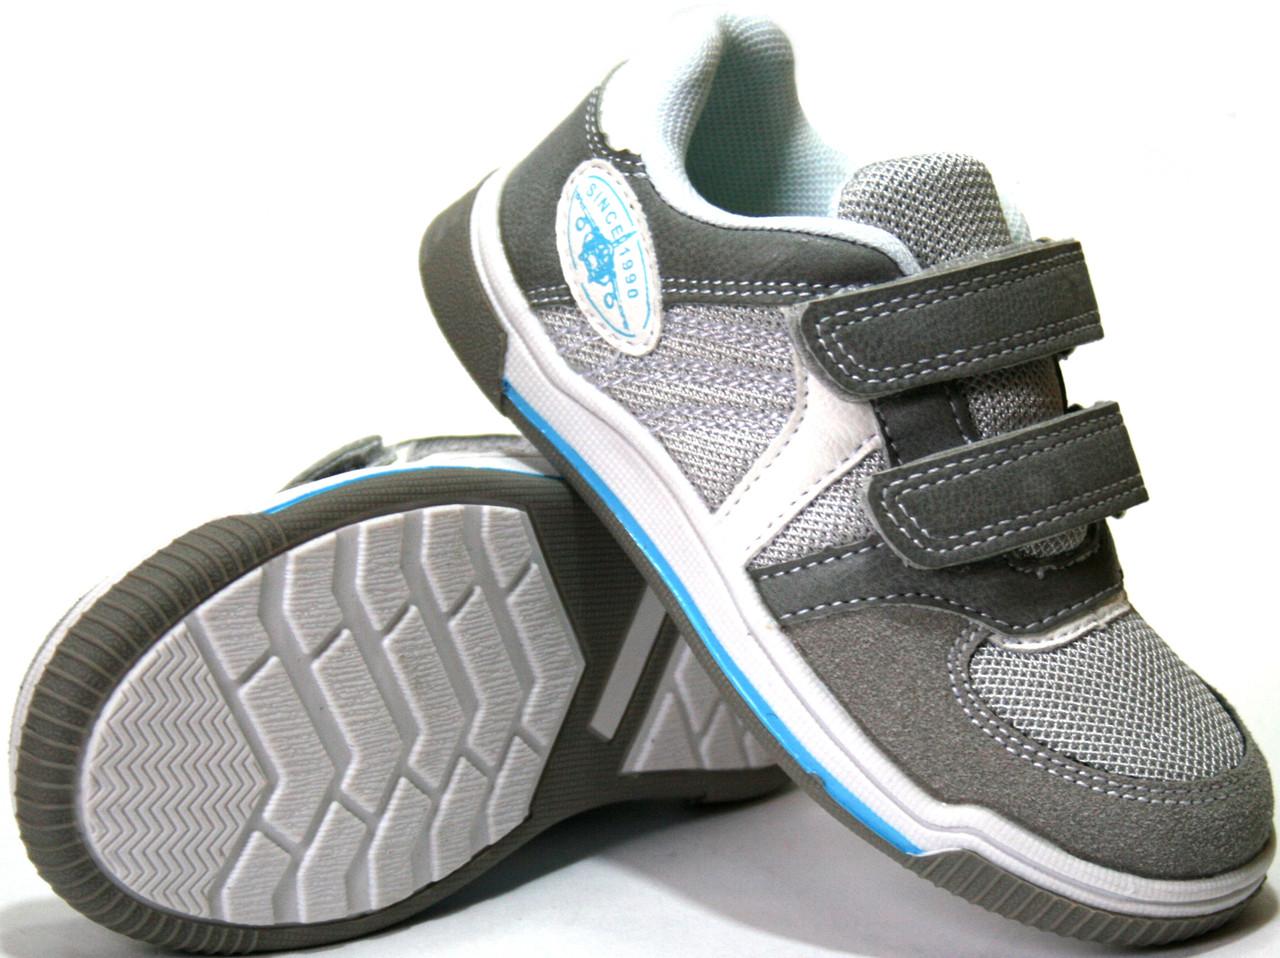 d8e46e4e Детские кроссовки для мальчика Renda Италия размеры 25-36, цена 470 грн.,  купить в Хмельницком — Prom.ua (ID#341079487)